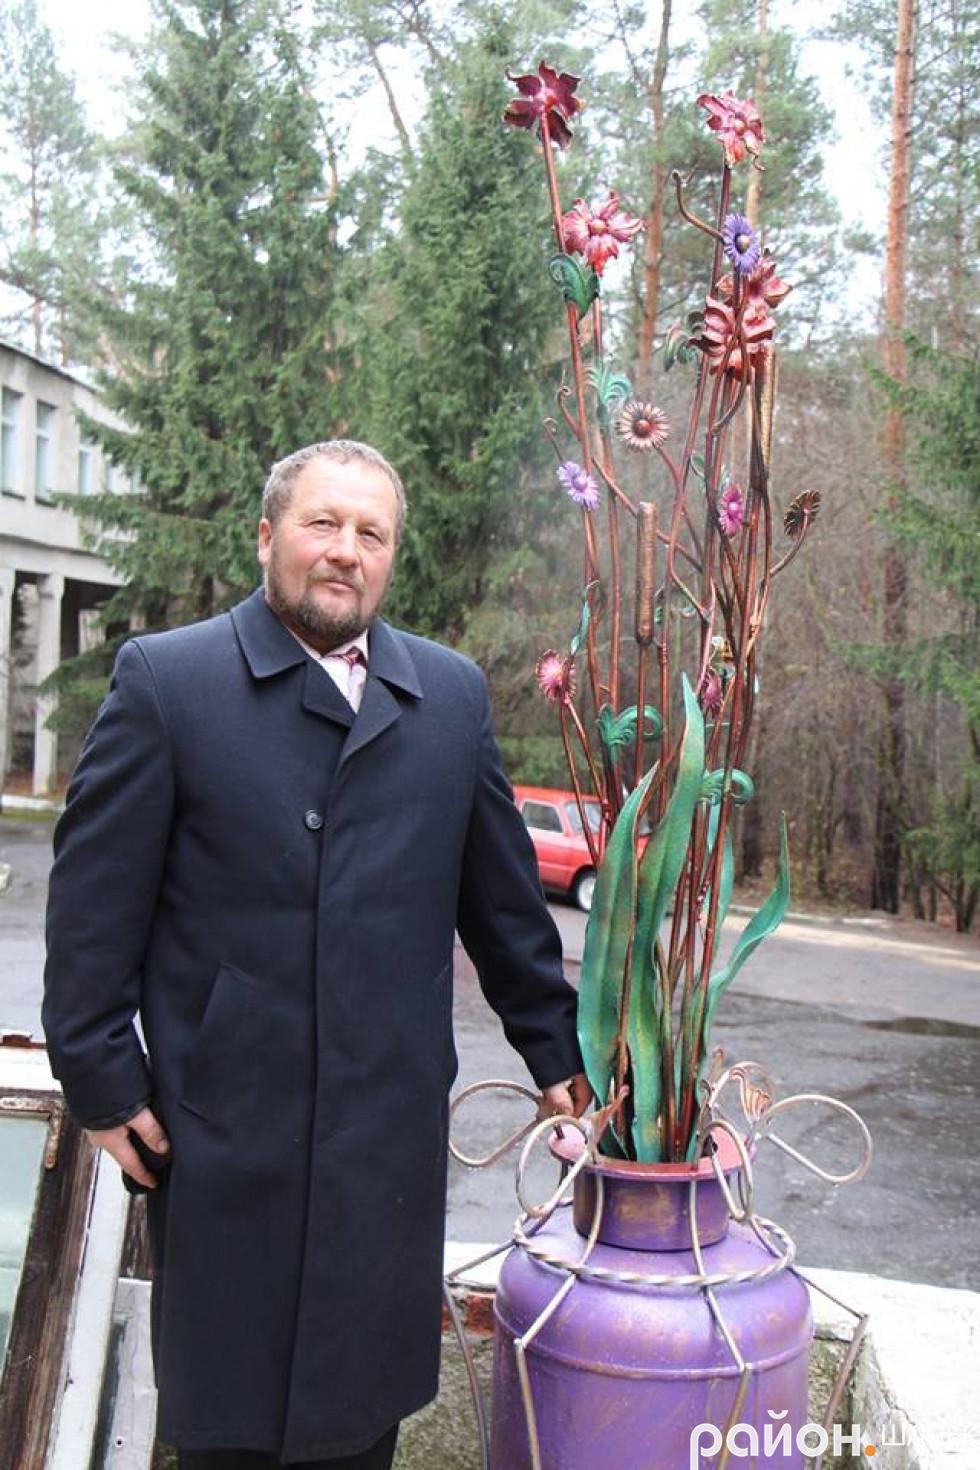 Сергій вміє здивувати талантом і фантазією